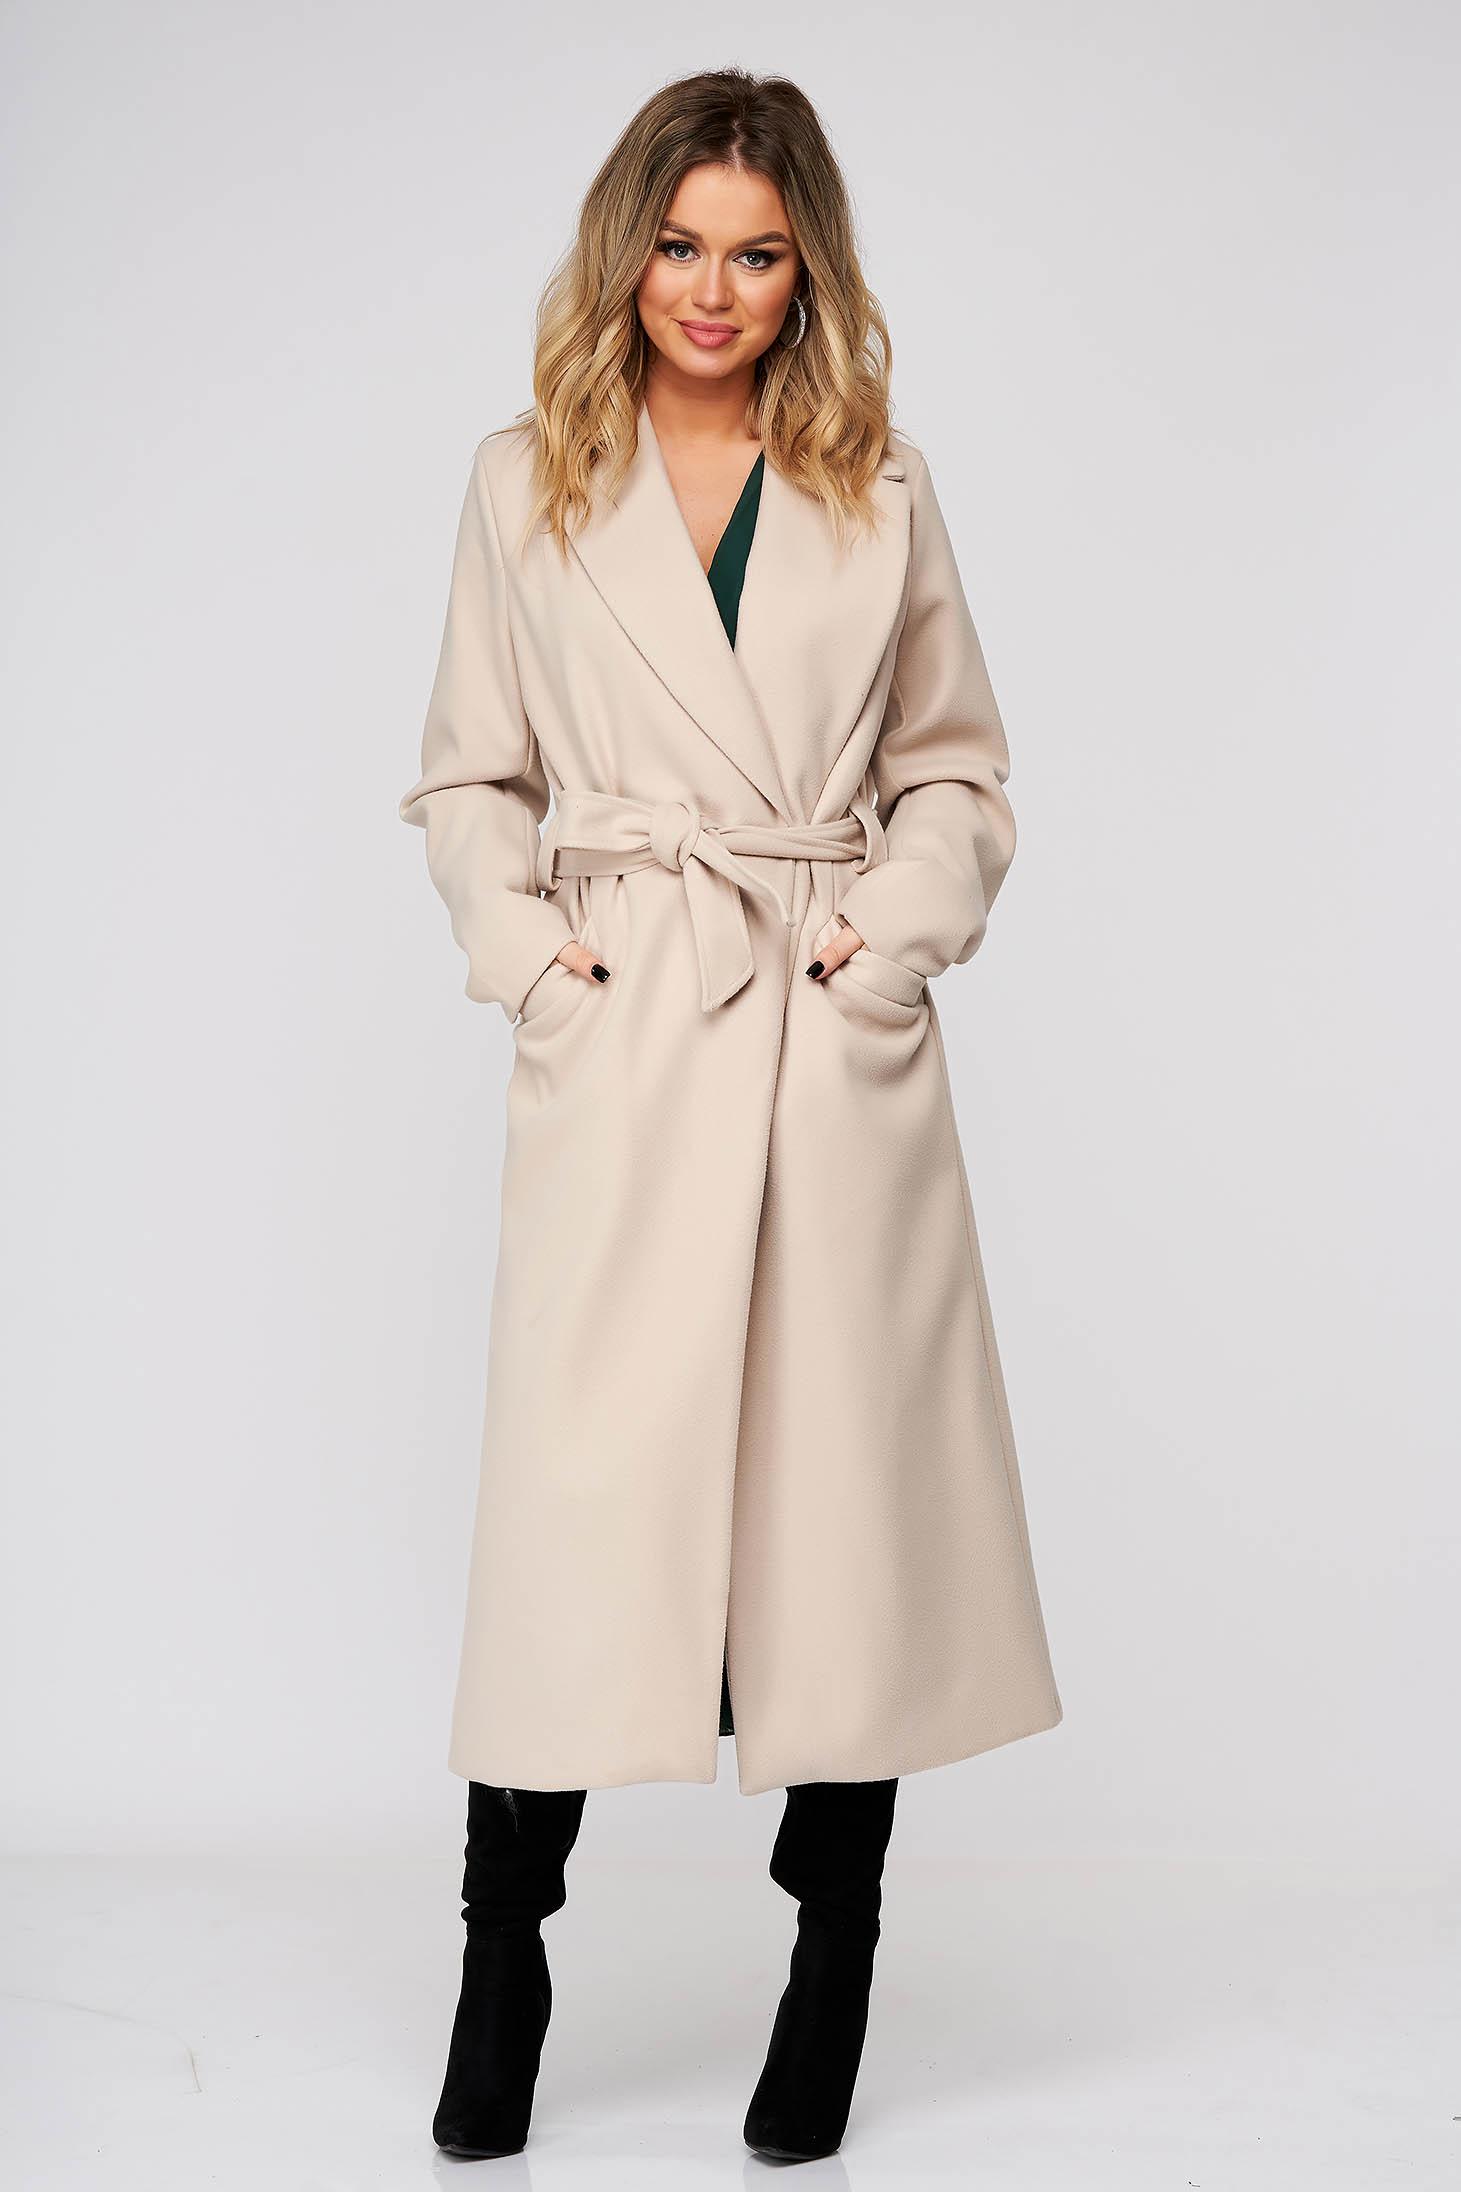 Krémszínű elegáns egyenes kabát rugalmatlan szövetből övvel ellátva